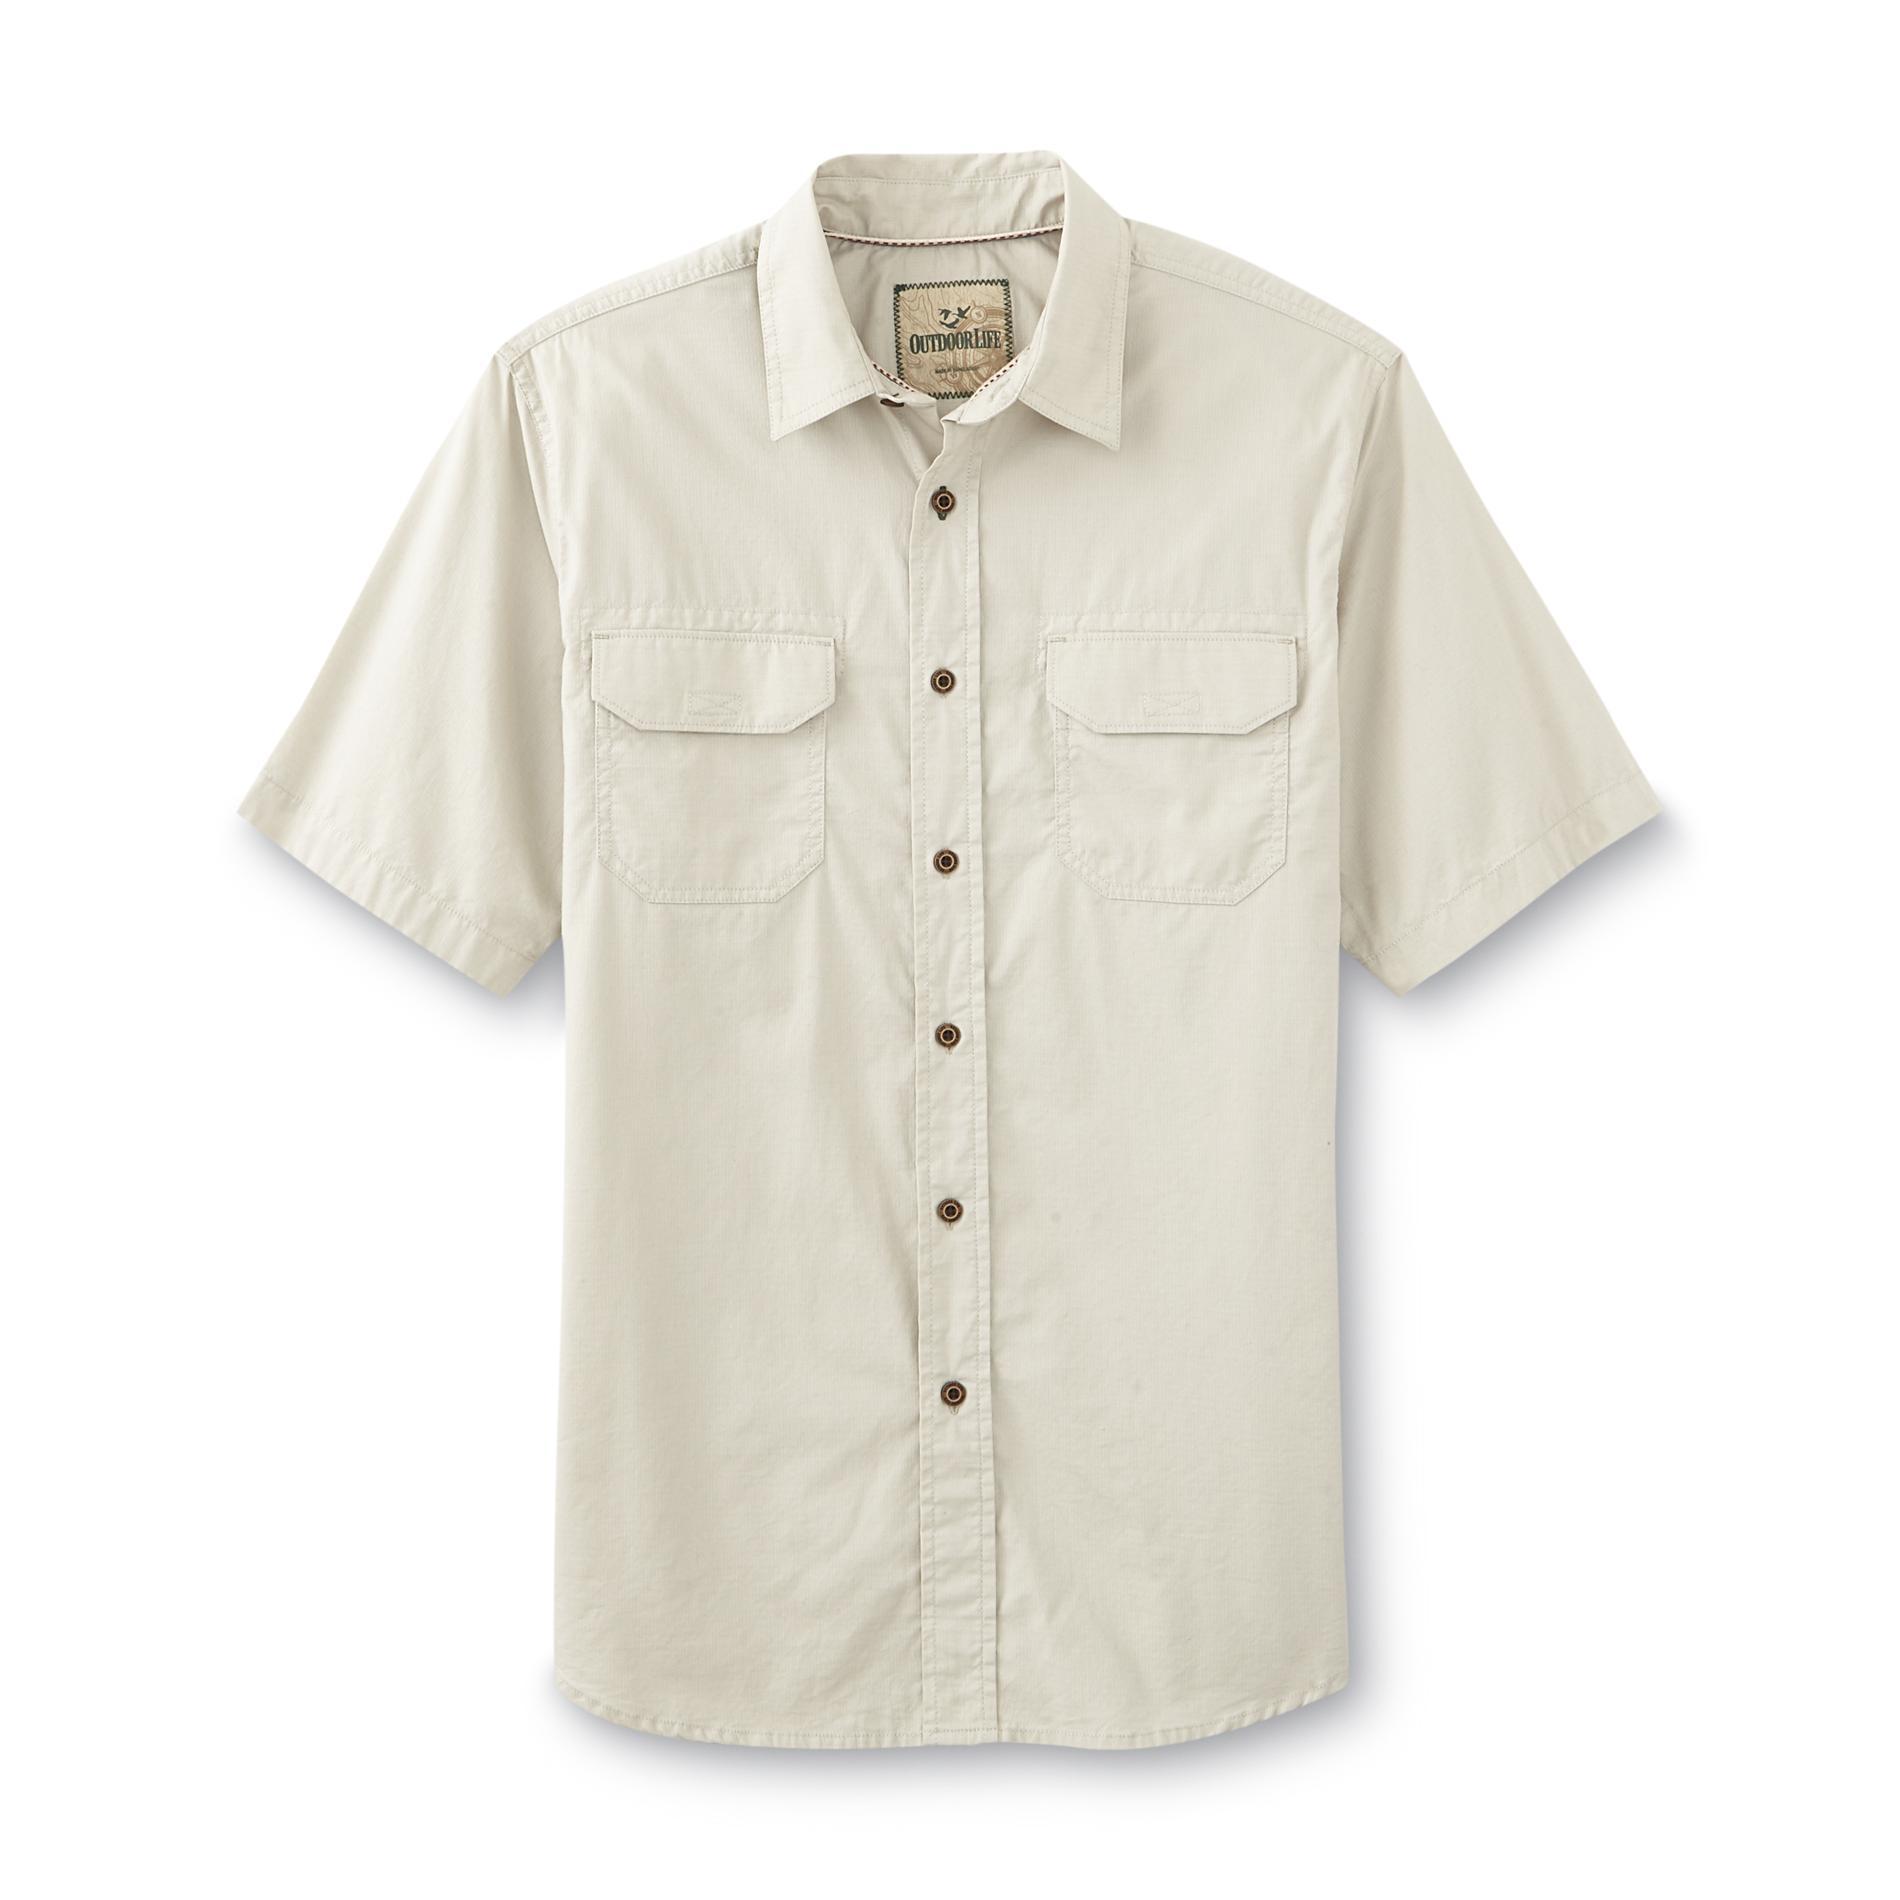 Outdoor Life Men's Camp Shirt